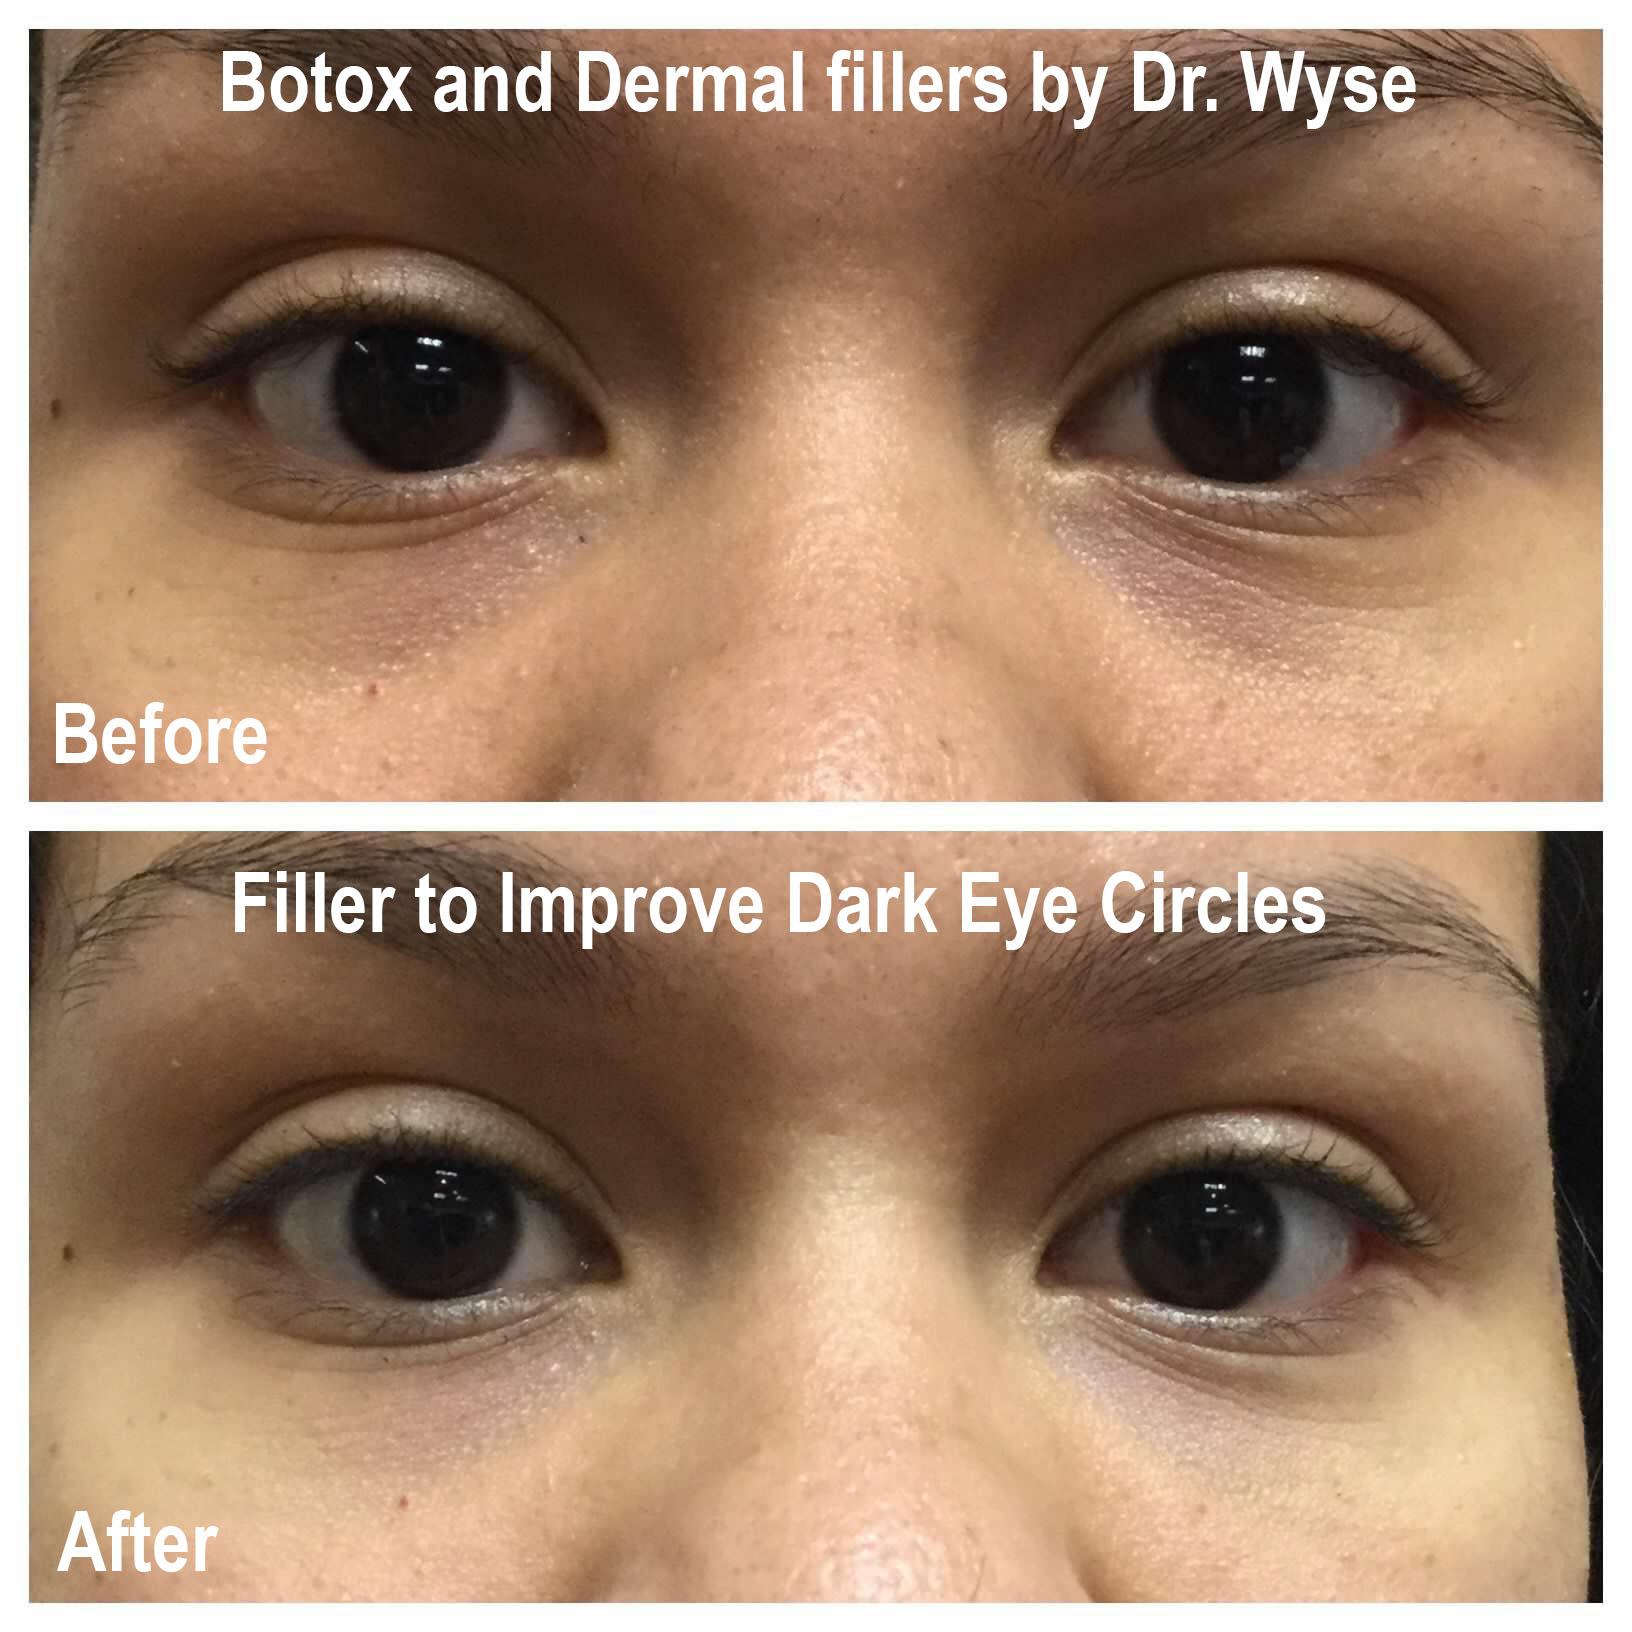 Filler to Improve Dark Eye Circles